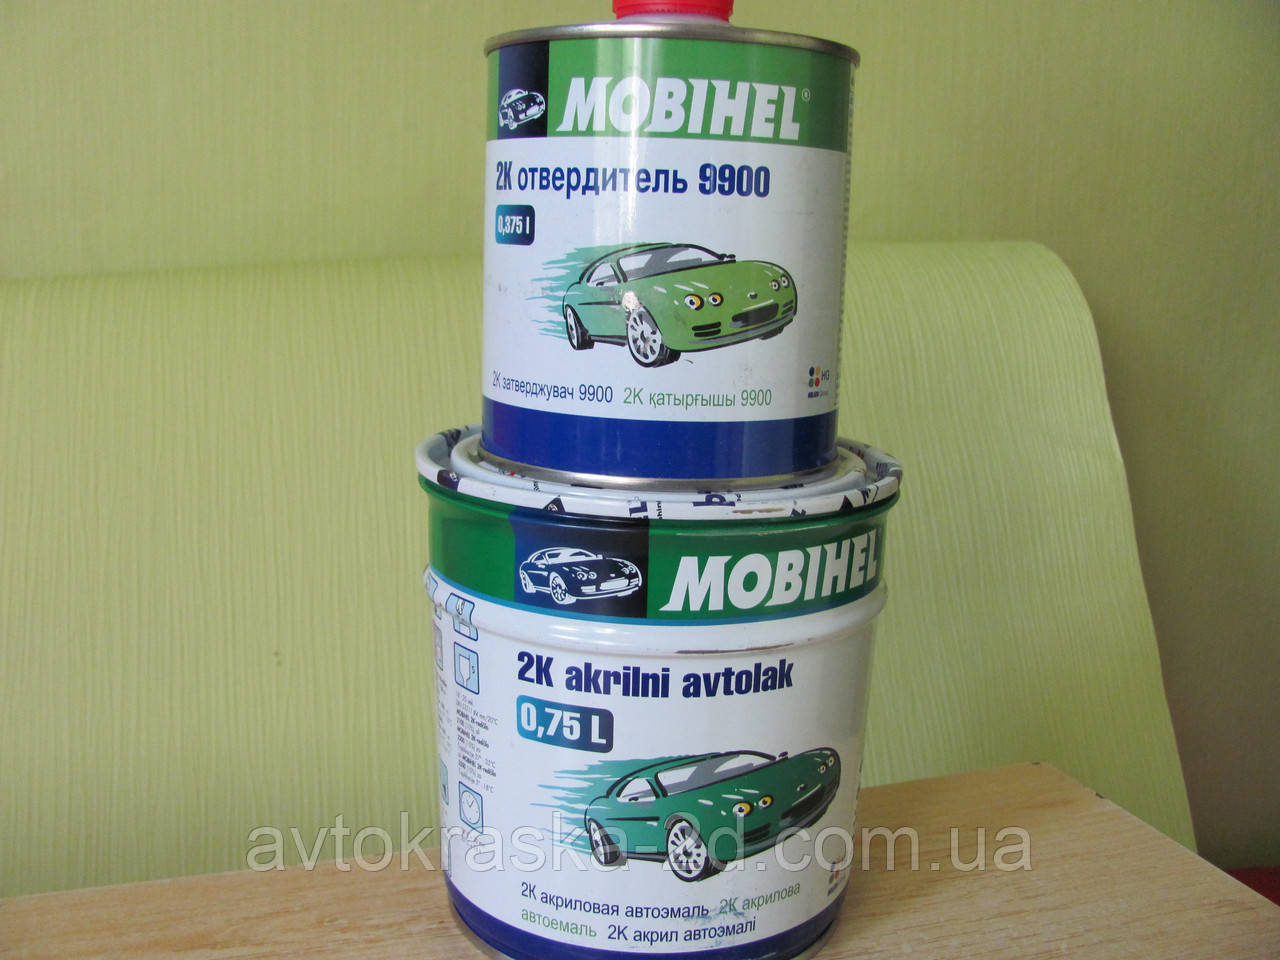 Акриловая автокраска MOBIHEL Светло-зеленая № 325 (0,75 л) + отвердитель 9900 0,375 л